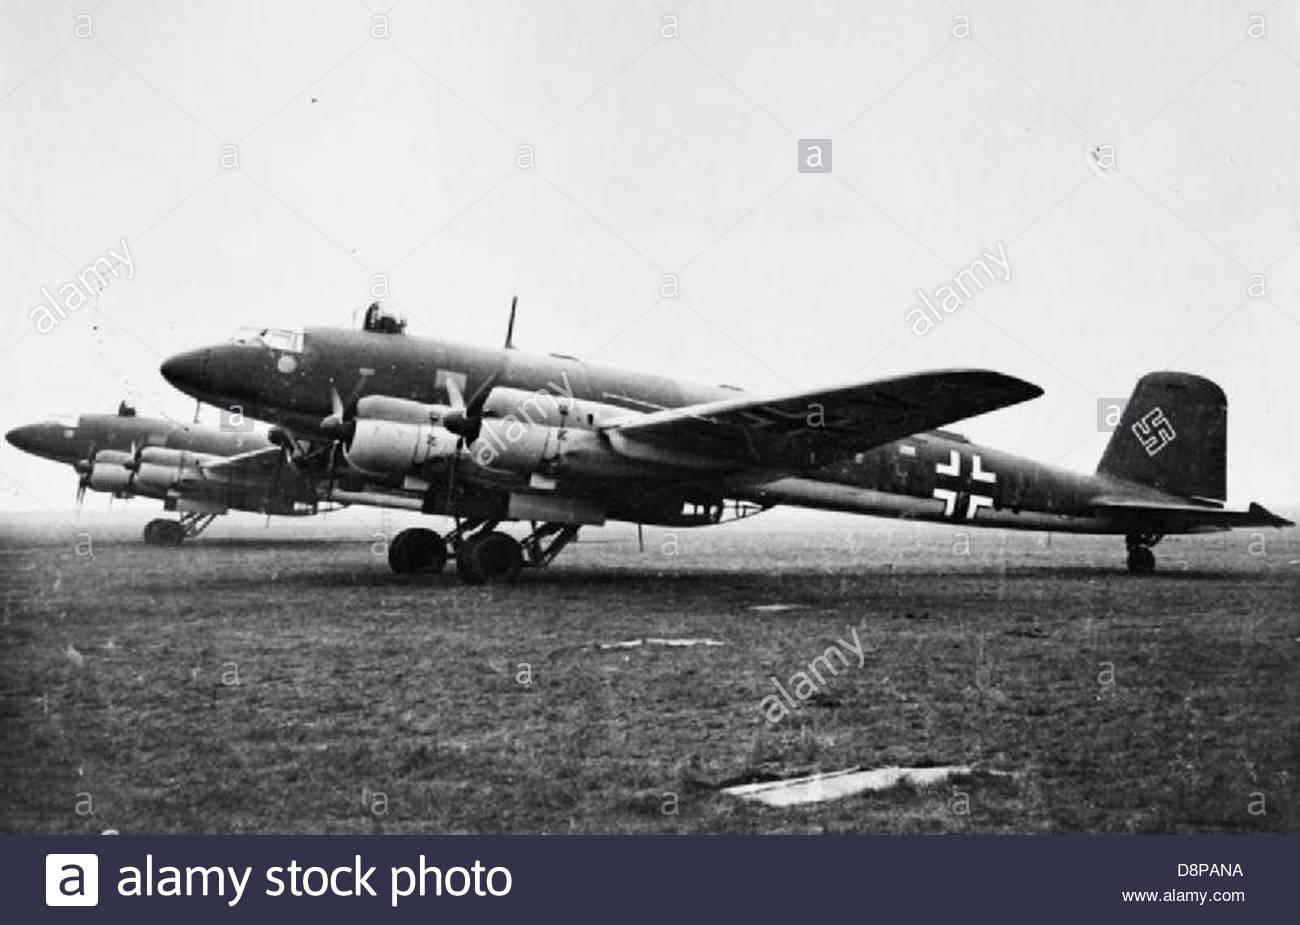 German Aircraft Stock Photos Amp German Aircraft